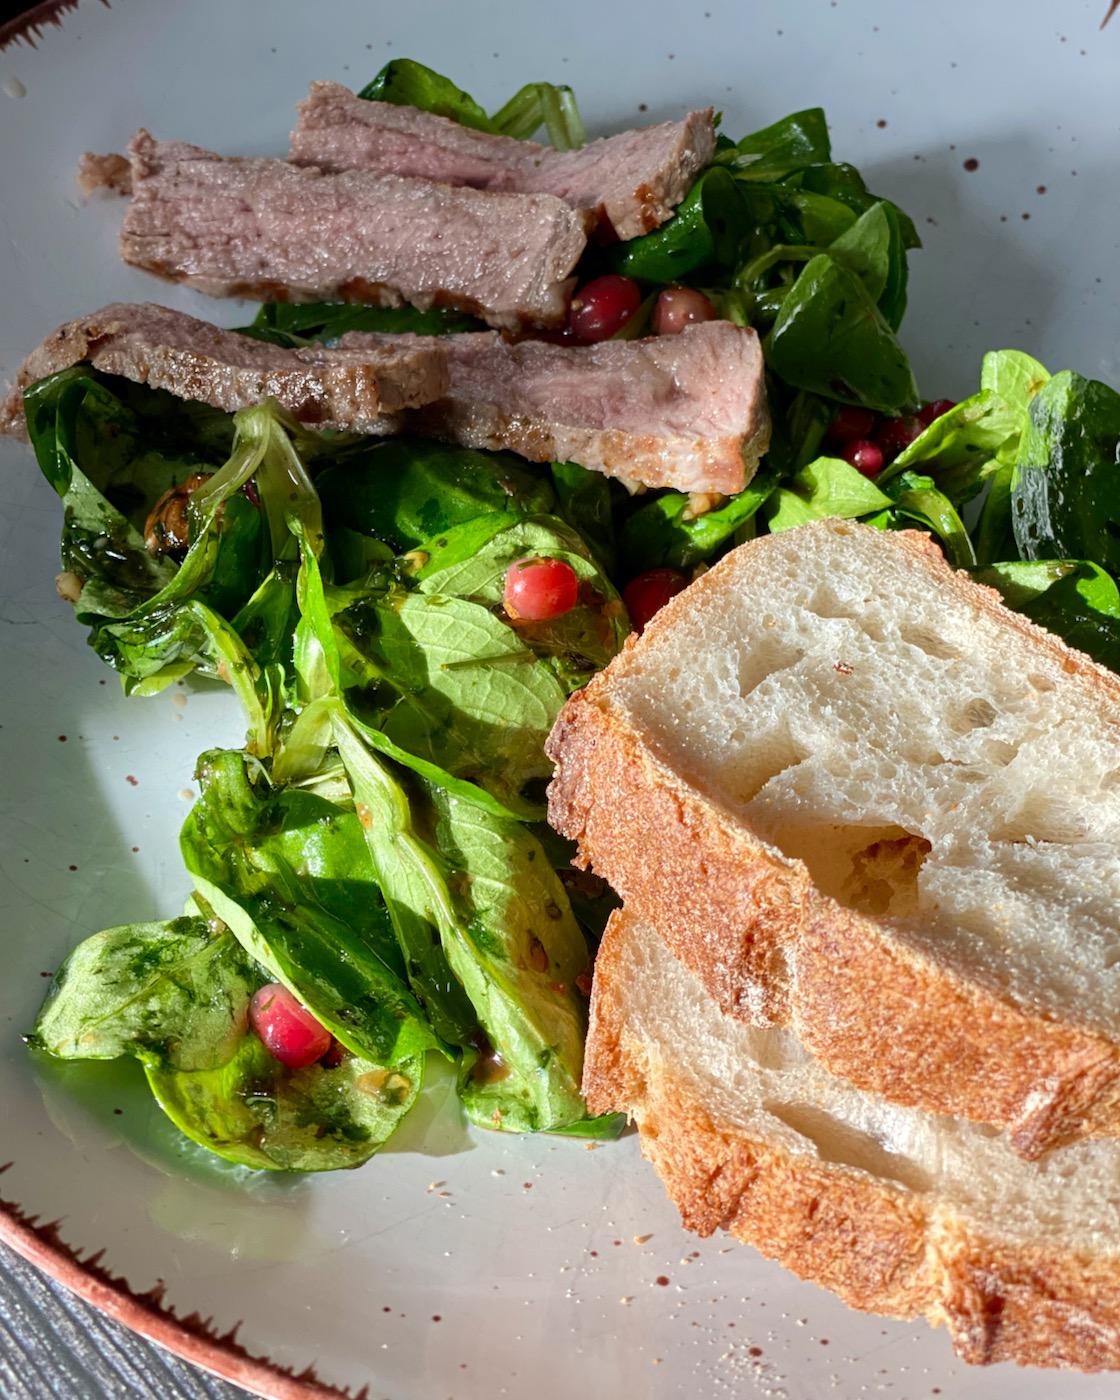 Feldsalat - einfach ein Traum für mich!